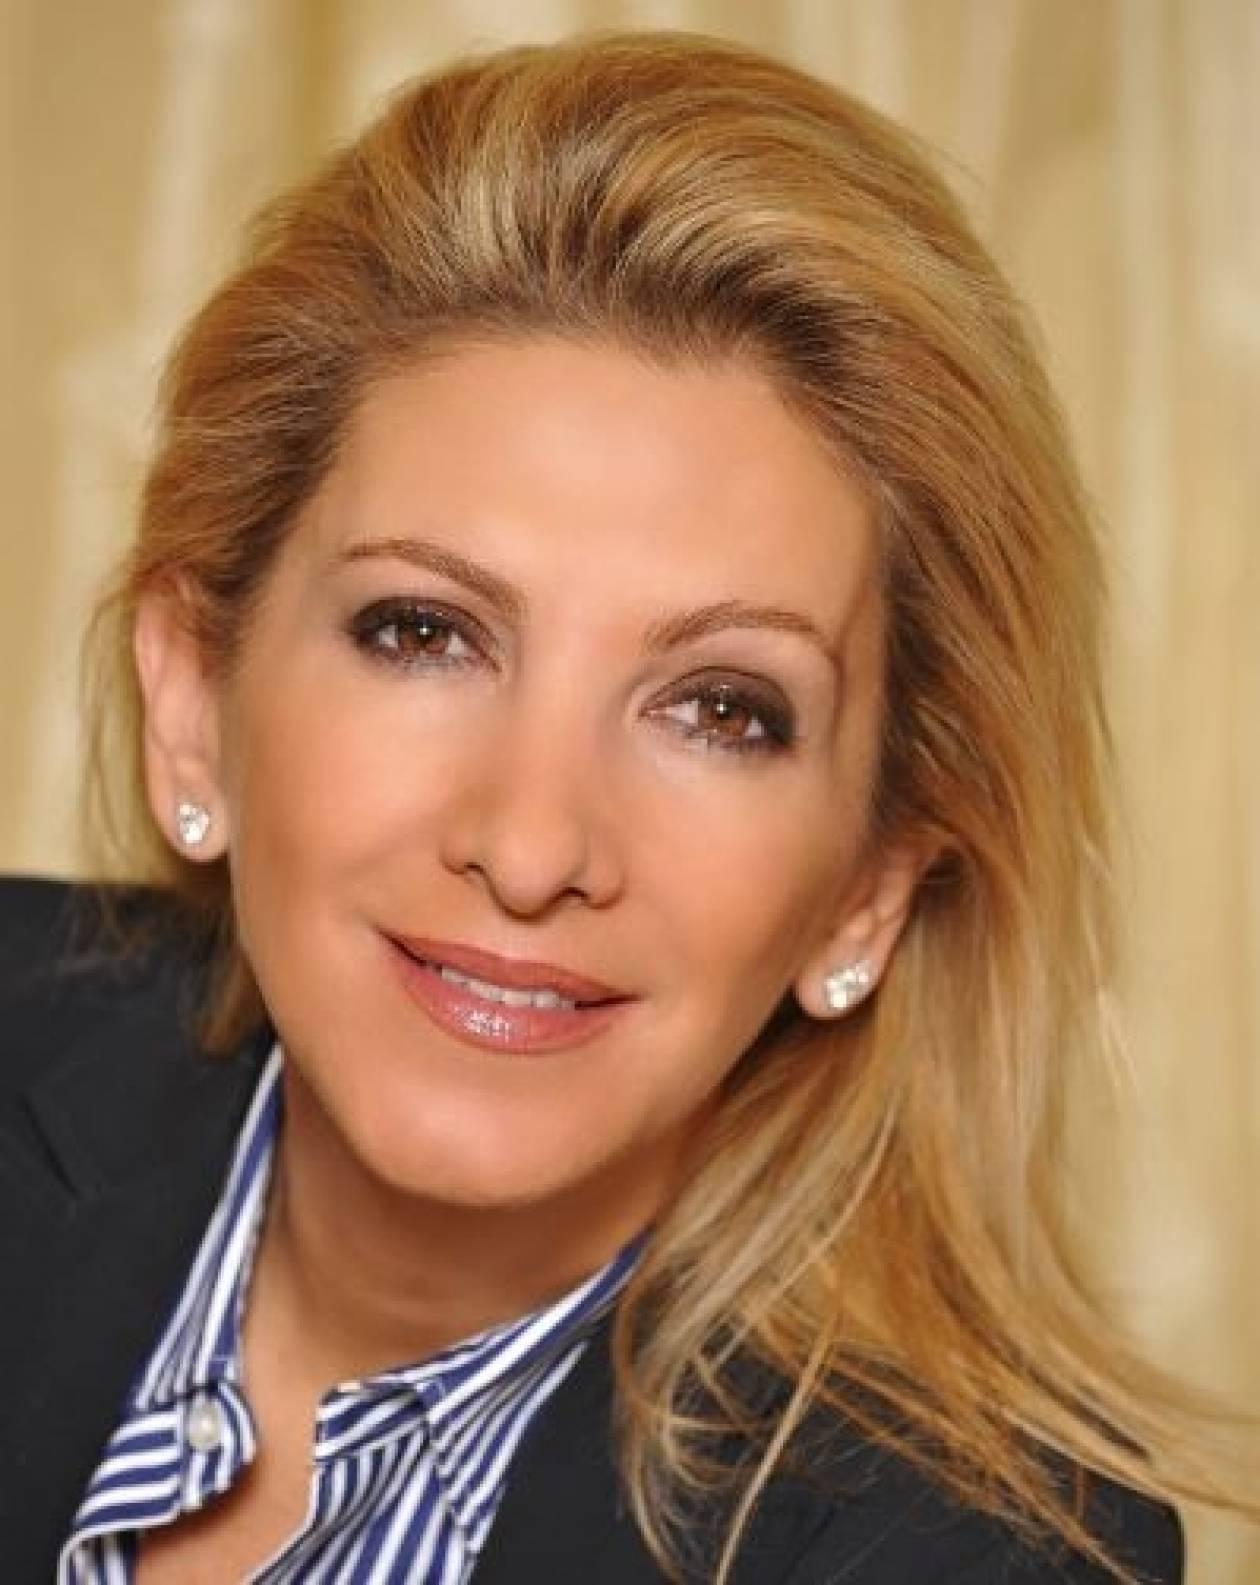 Ιωάννα Καλαντζάκου: Ευθύνη να ΄σαι Δικηγόρος